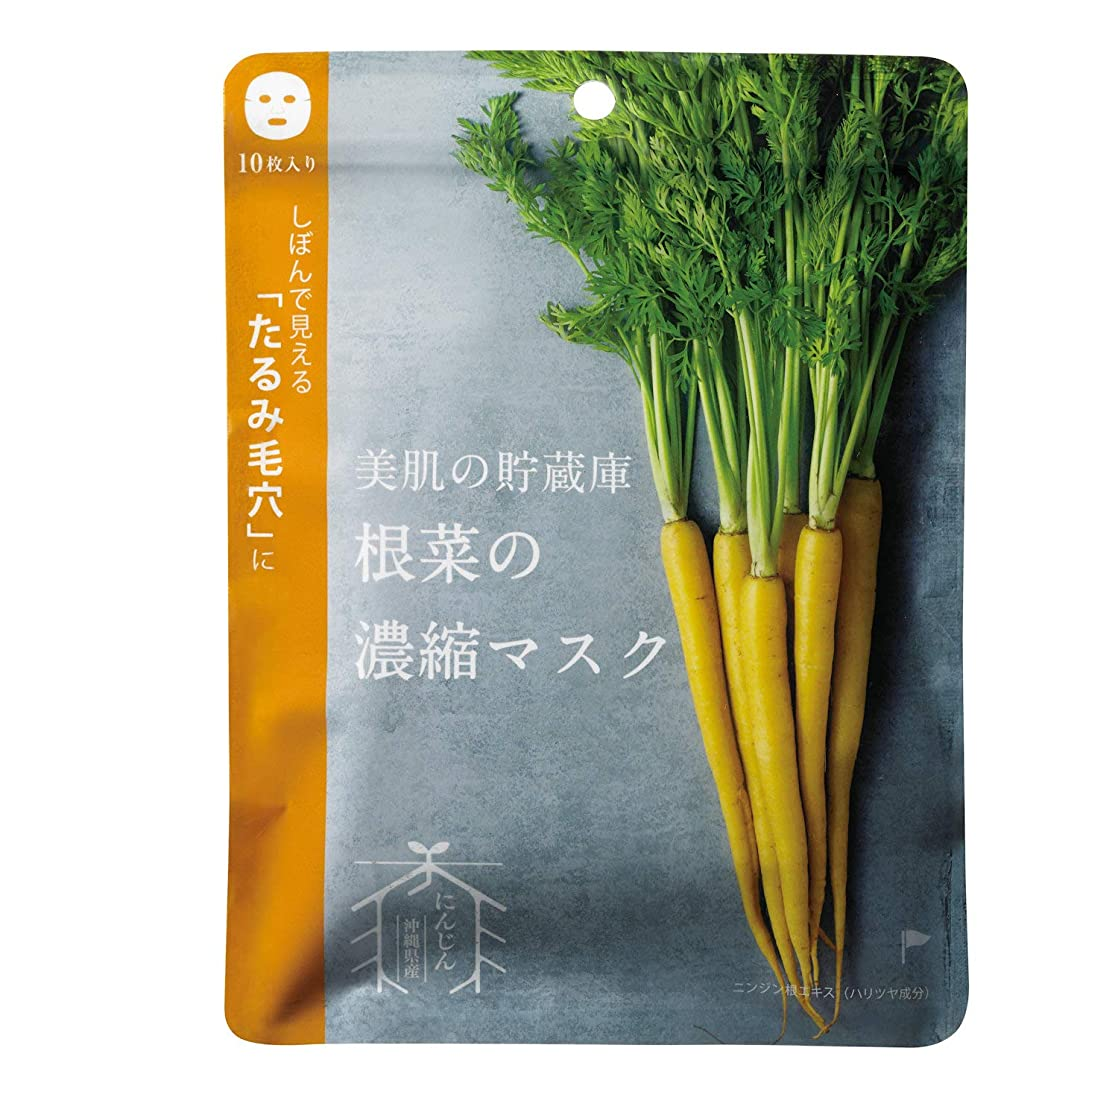 サミュエル実現可能性製油所@cosme nippon 美肌の貯蔵庫 根菜の濃縮マスク 島にんじん 10枚 160ml